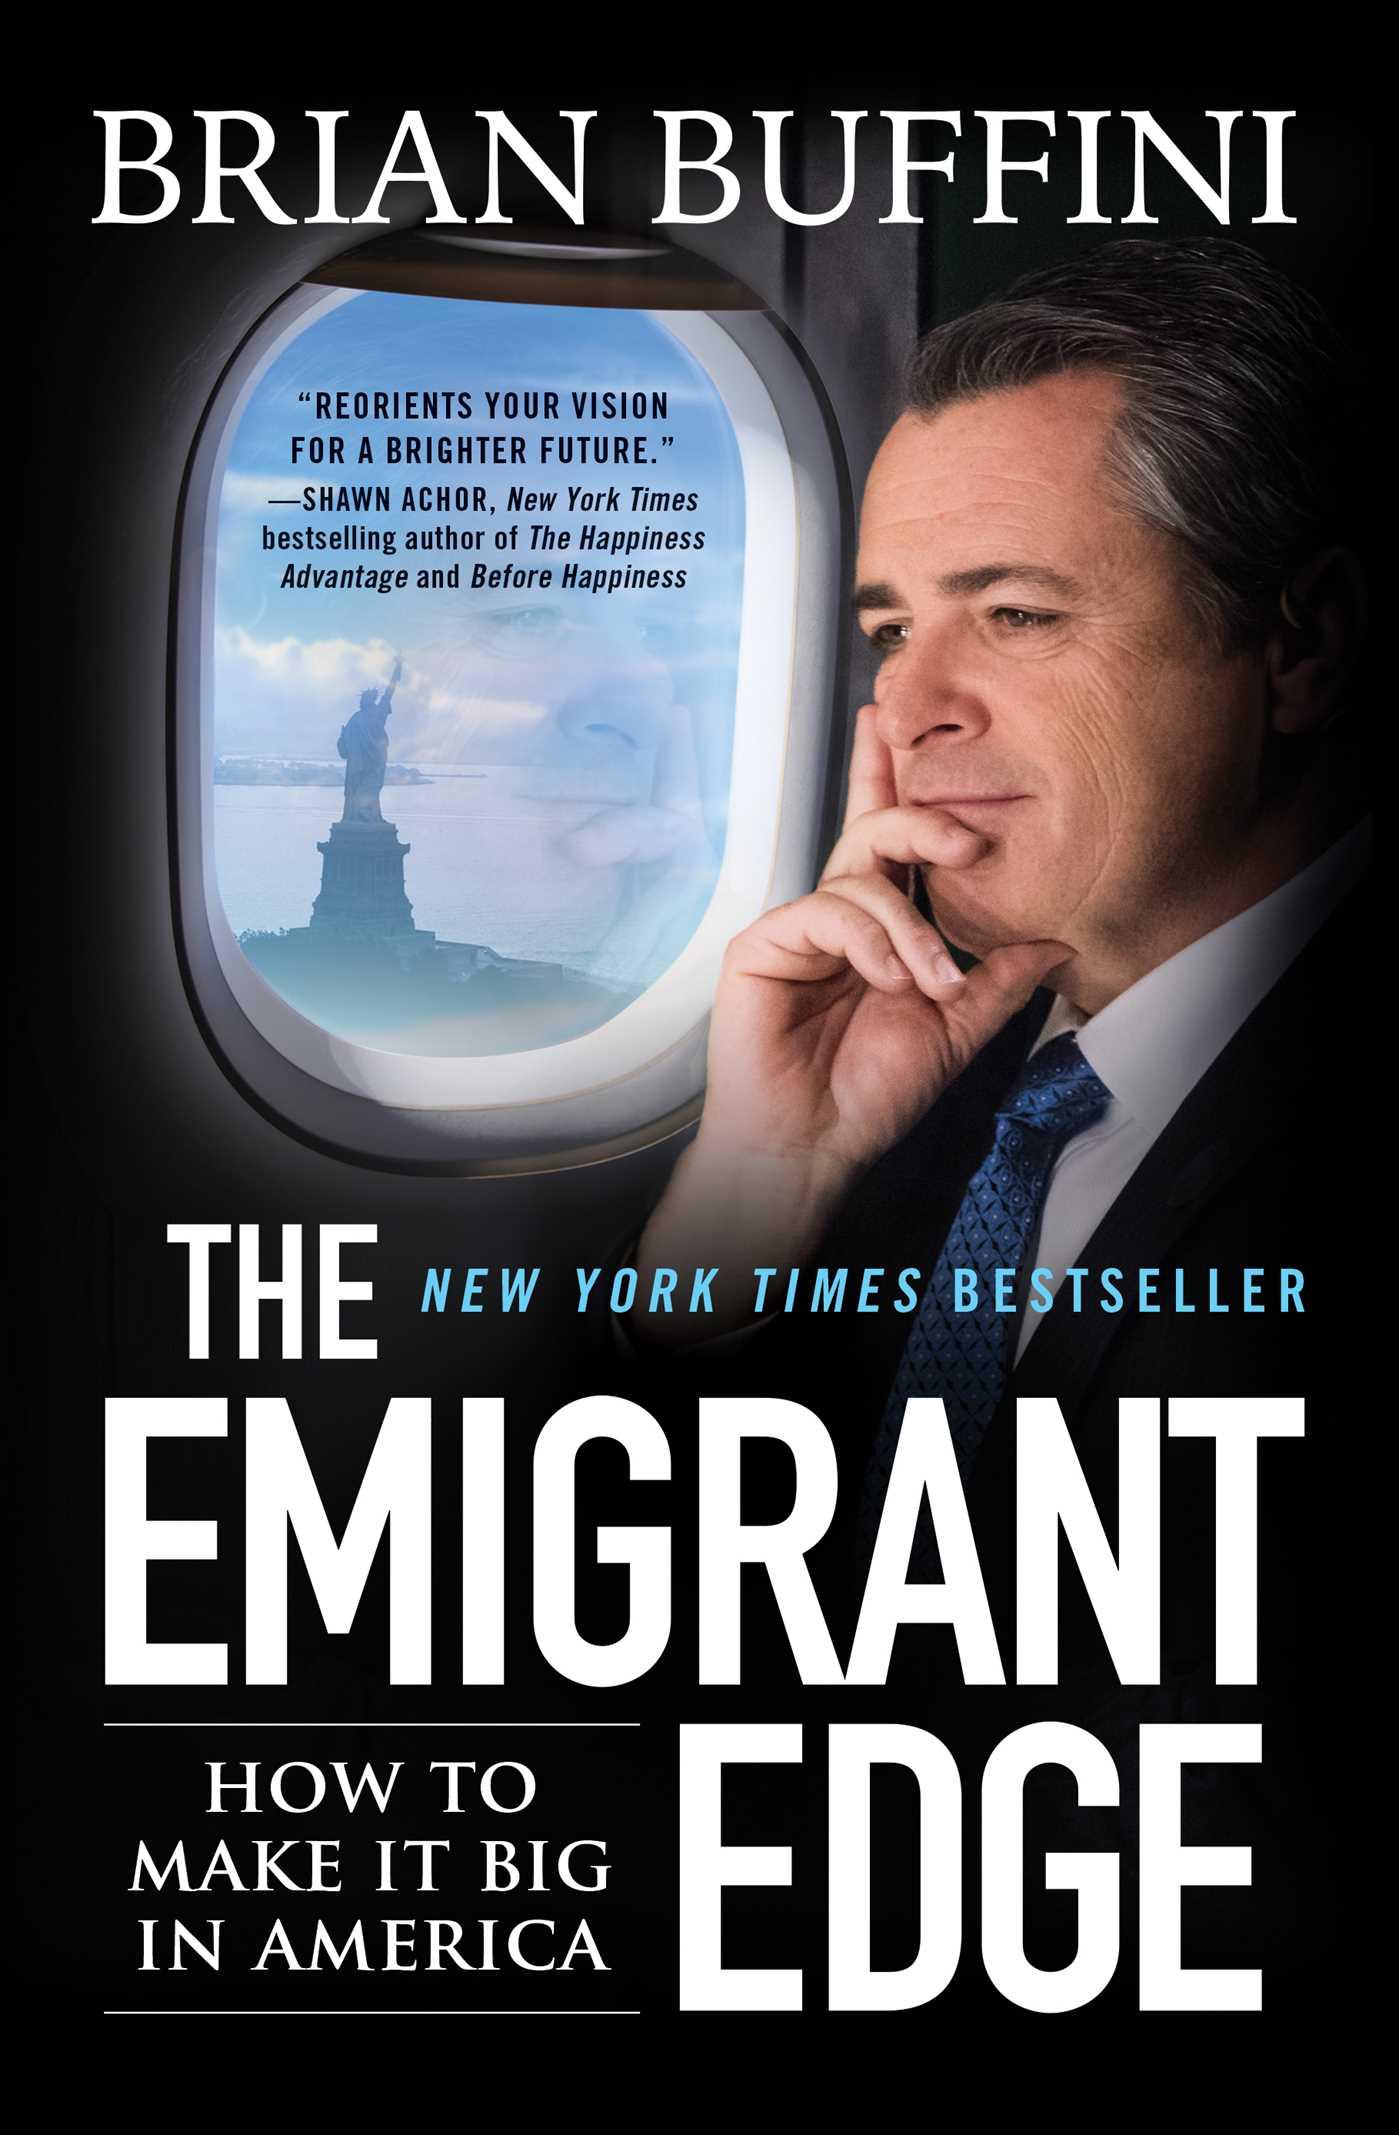 The emigrant edge 9781501169298 hr